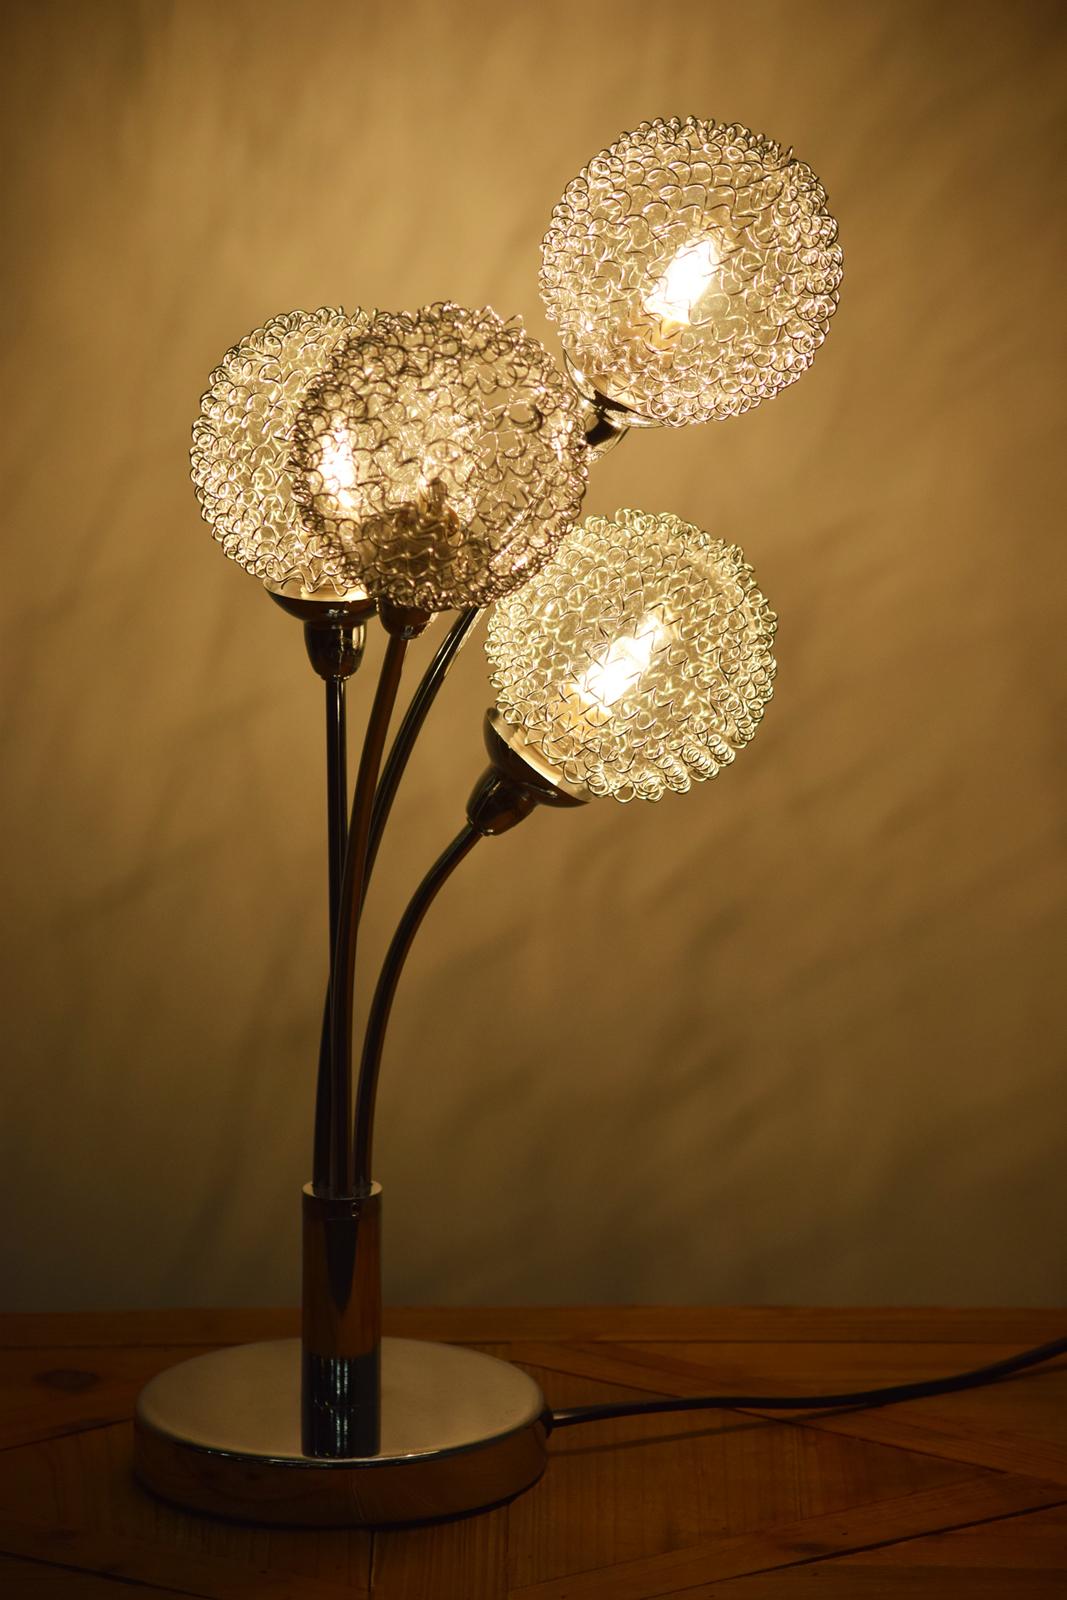 lampe pied metal chrome et abat jour 4 boules verre et metal chrome tresse d32xh45cm